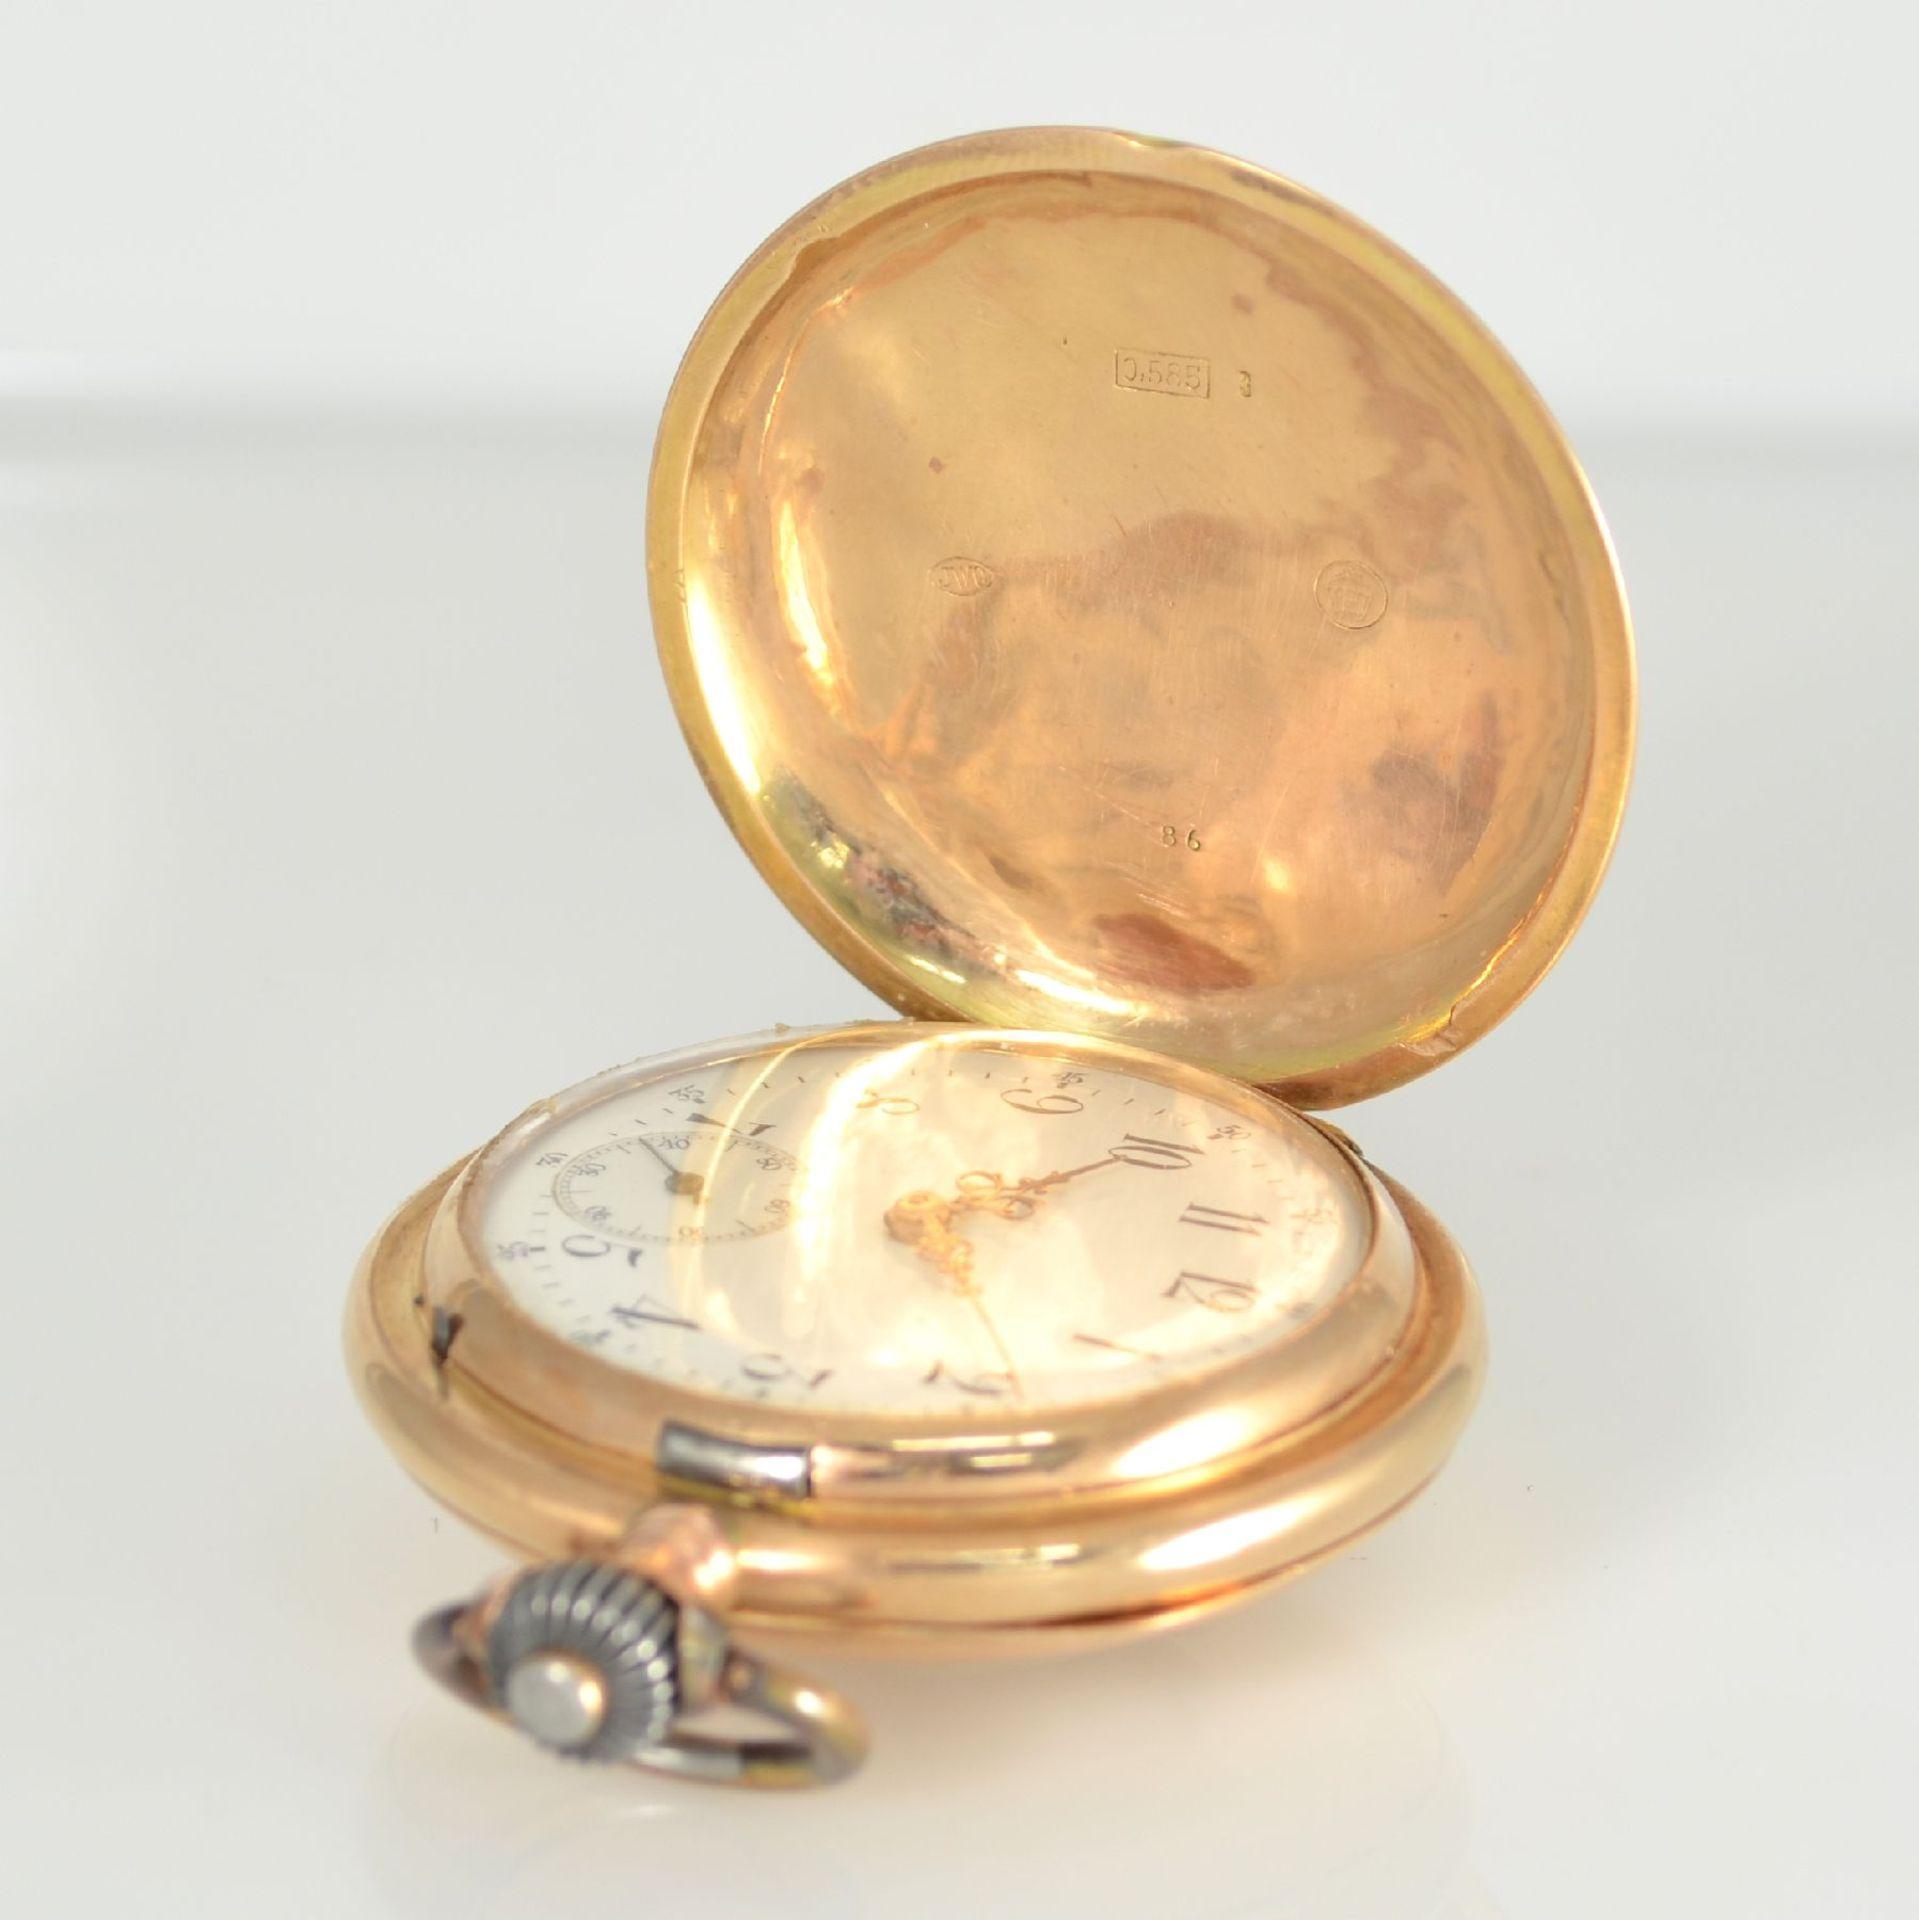 IWC Herrensavonette in RG 585/000, Schweiz um 1894, 2-Deckel Goldgehäuse dell., Emailzifferbl. m. - Bild 3 aus 10